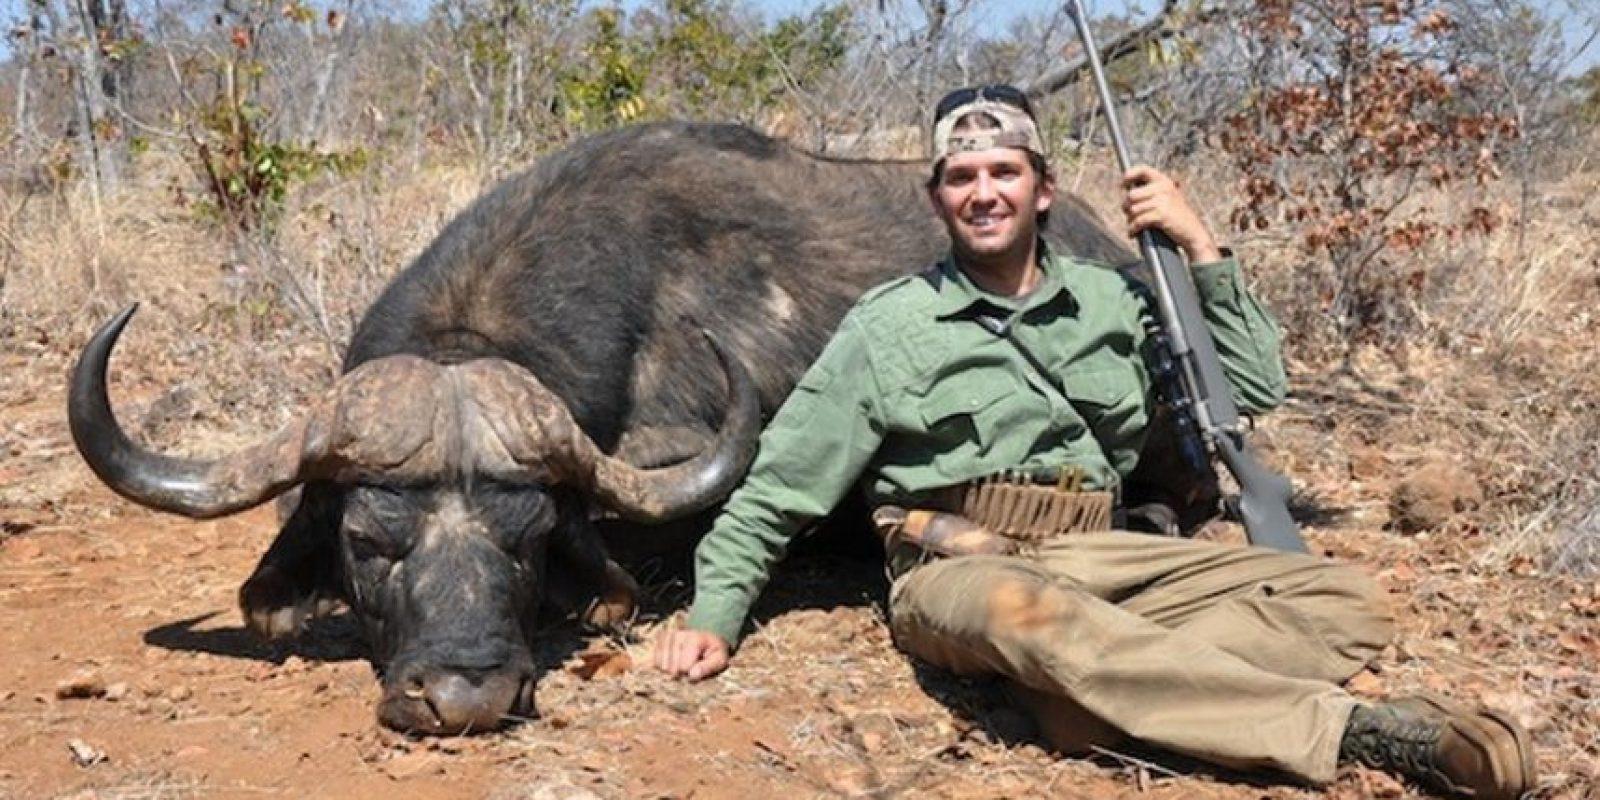 Se han tomado fotos con animales muertos. Foto:Vía untinglegends.com